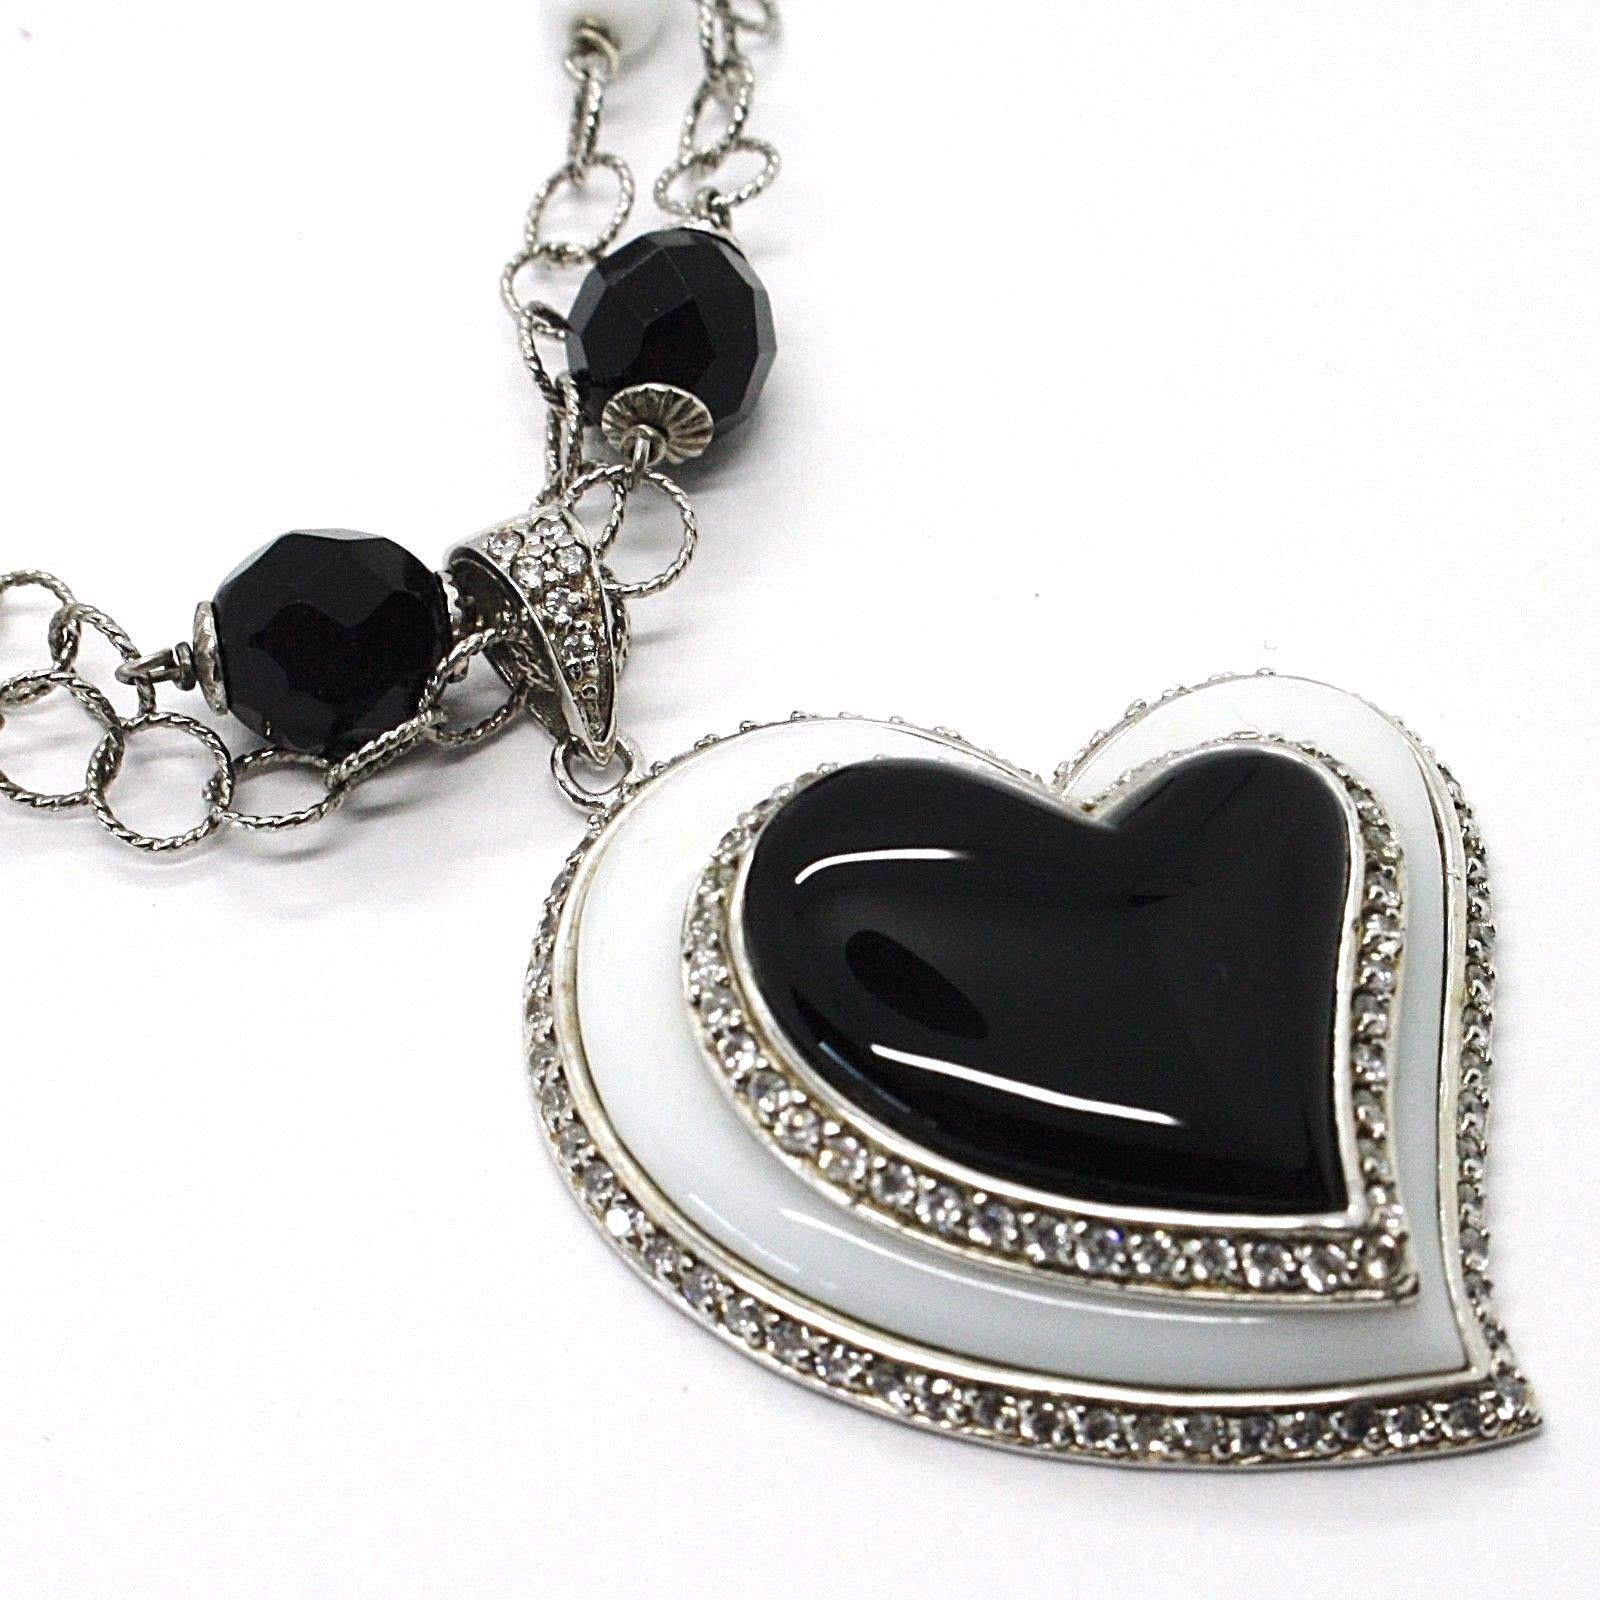 Collar Plata 925 , Ónix Negro, Ágata Blanca, Corazón Colgante, Cadena Dos Filas